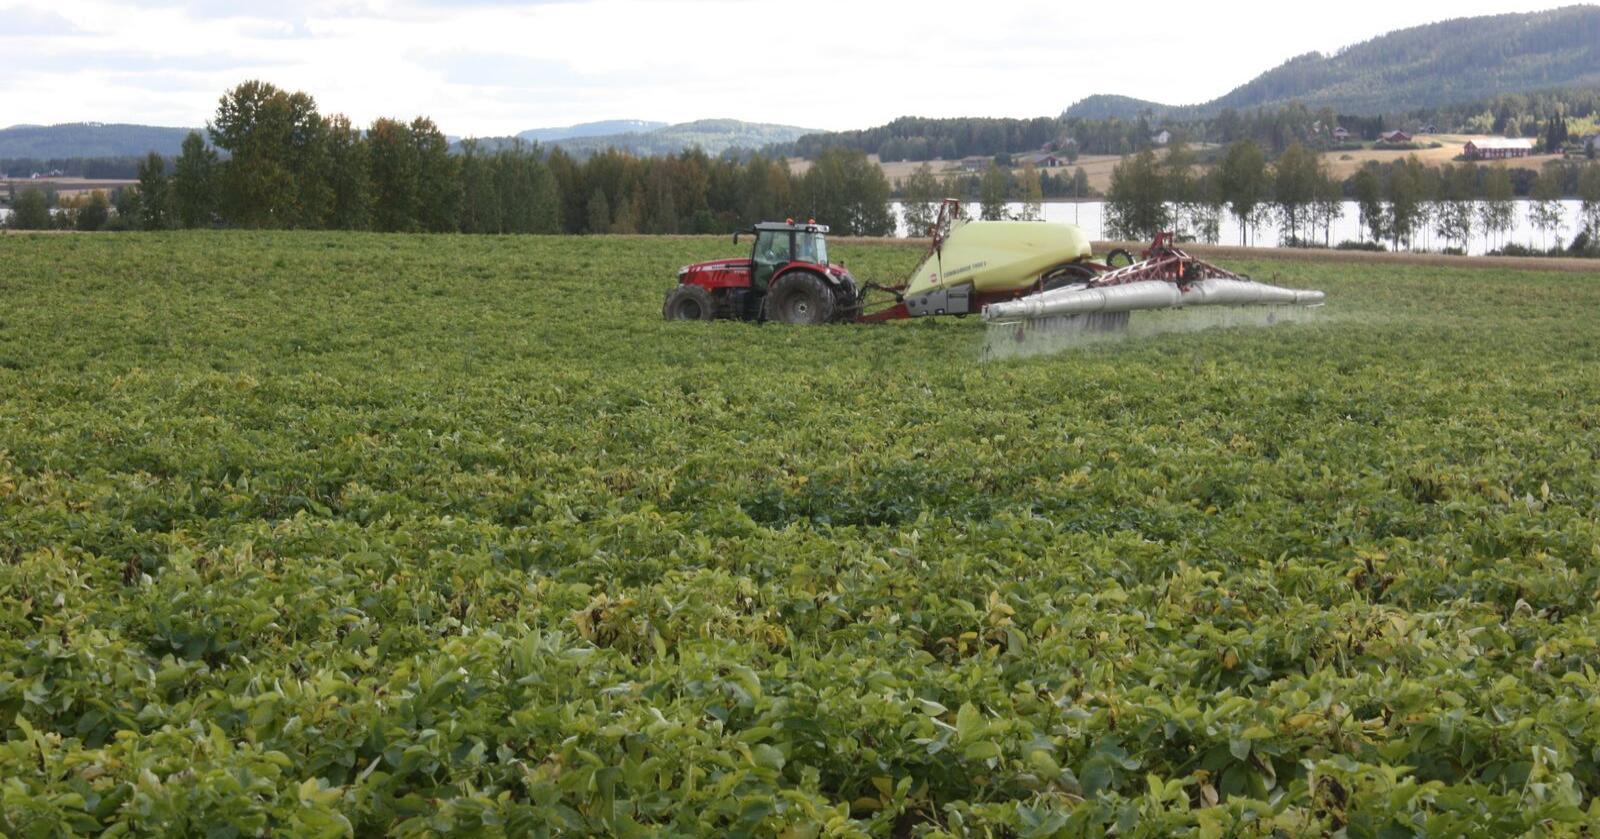 Forbudt: Dikvat, det virksomme stoffet i Reglone, blir forbudt i 2020. Reglone fører til at potetriset/grønnmassen dør, og at tørråtesoppen ikke lenger har noe plantemateriale å vokse på. (Foto: Borghild Glorvigen)